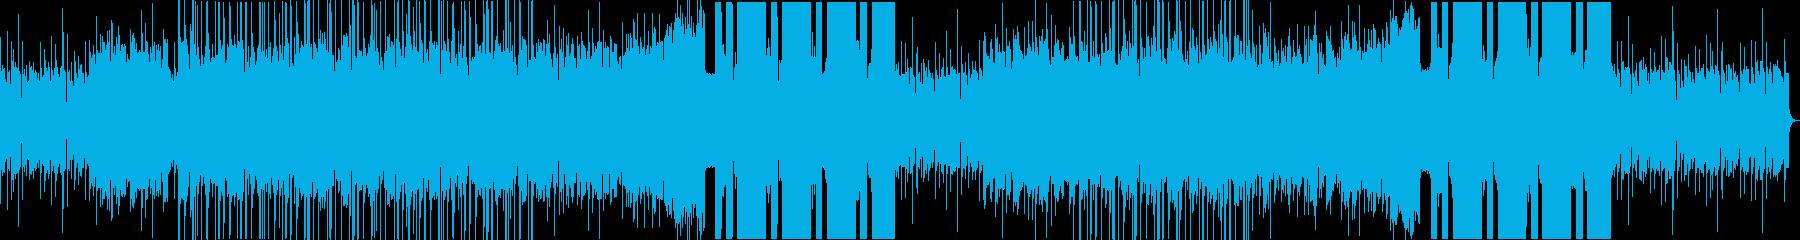 少しポジティブなチル系EDMですの再生済みの波形